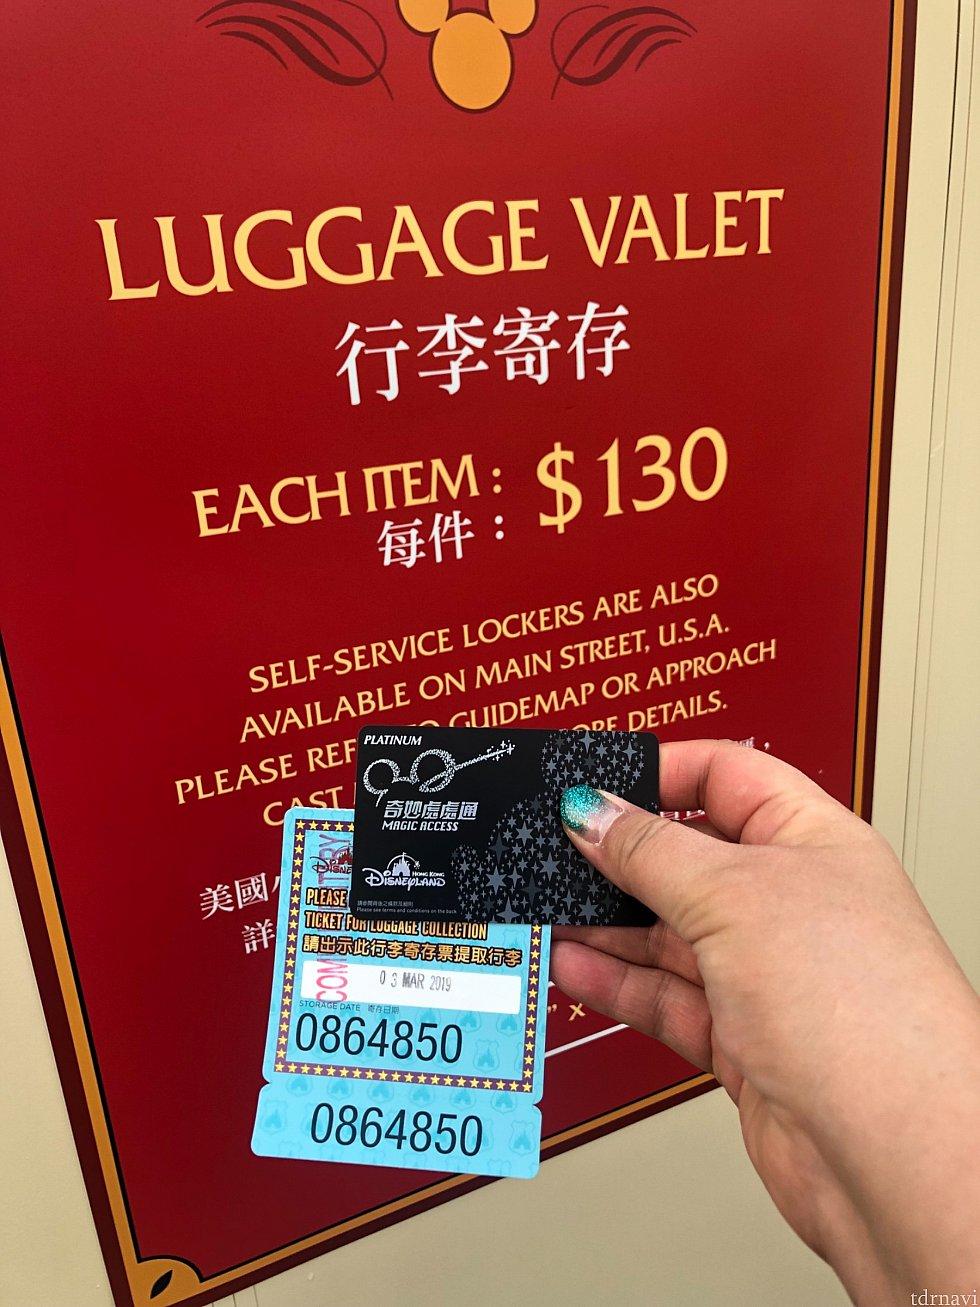 マジックアクセスプラチナカード提示で無料は嬉しいサービスです😆 太っ腹な香港が好きです🇭🇰